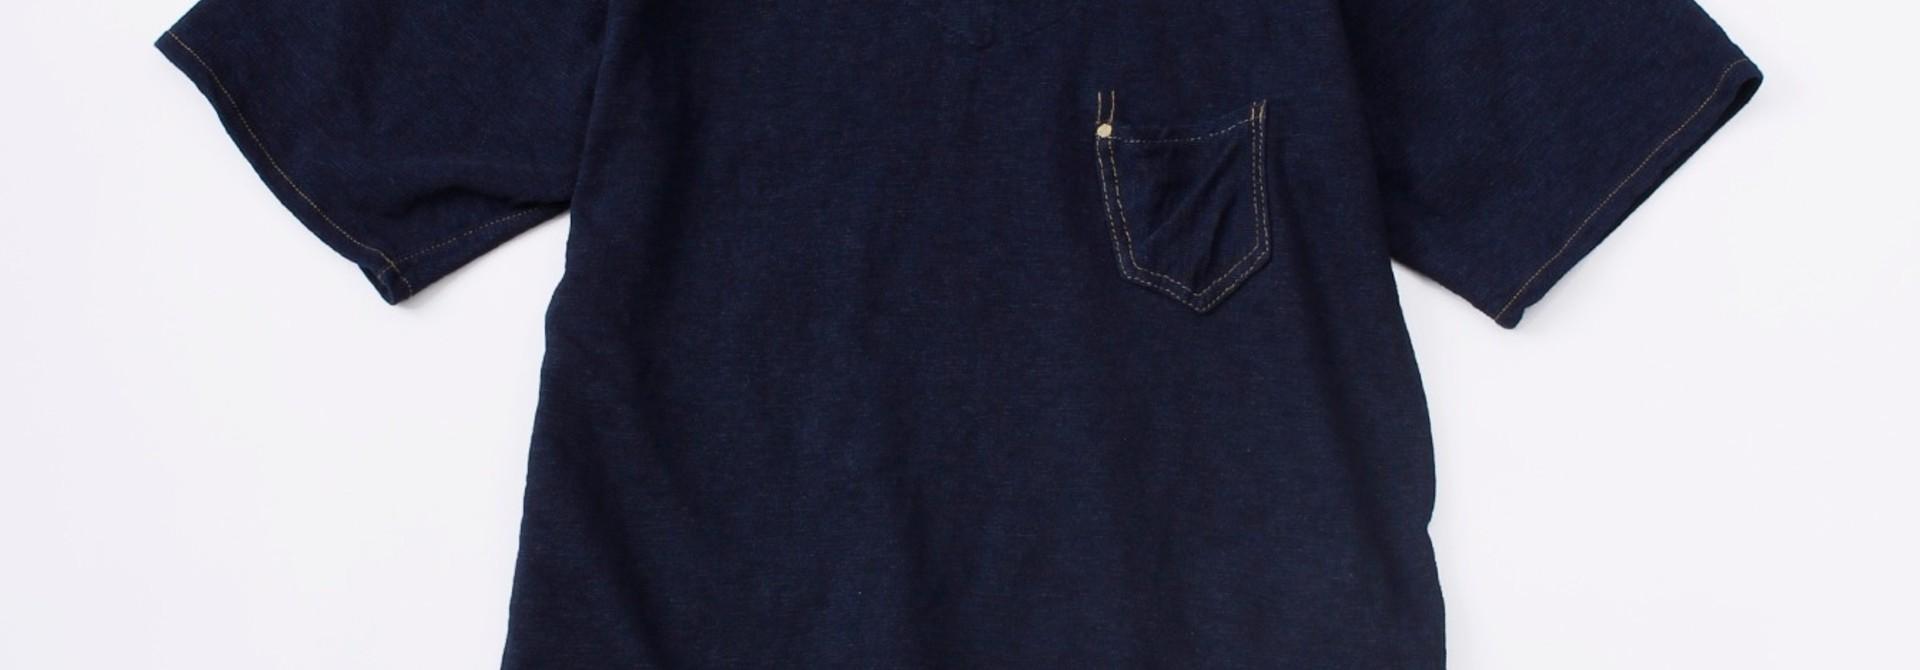 WH Indigo Plating Tenjiku Polo Shirt